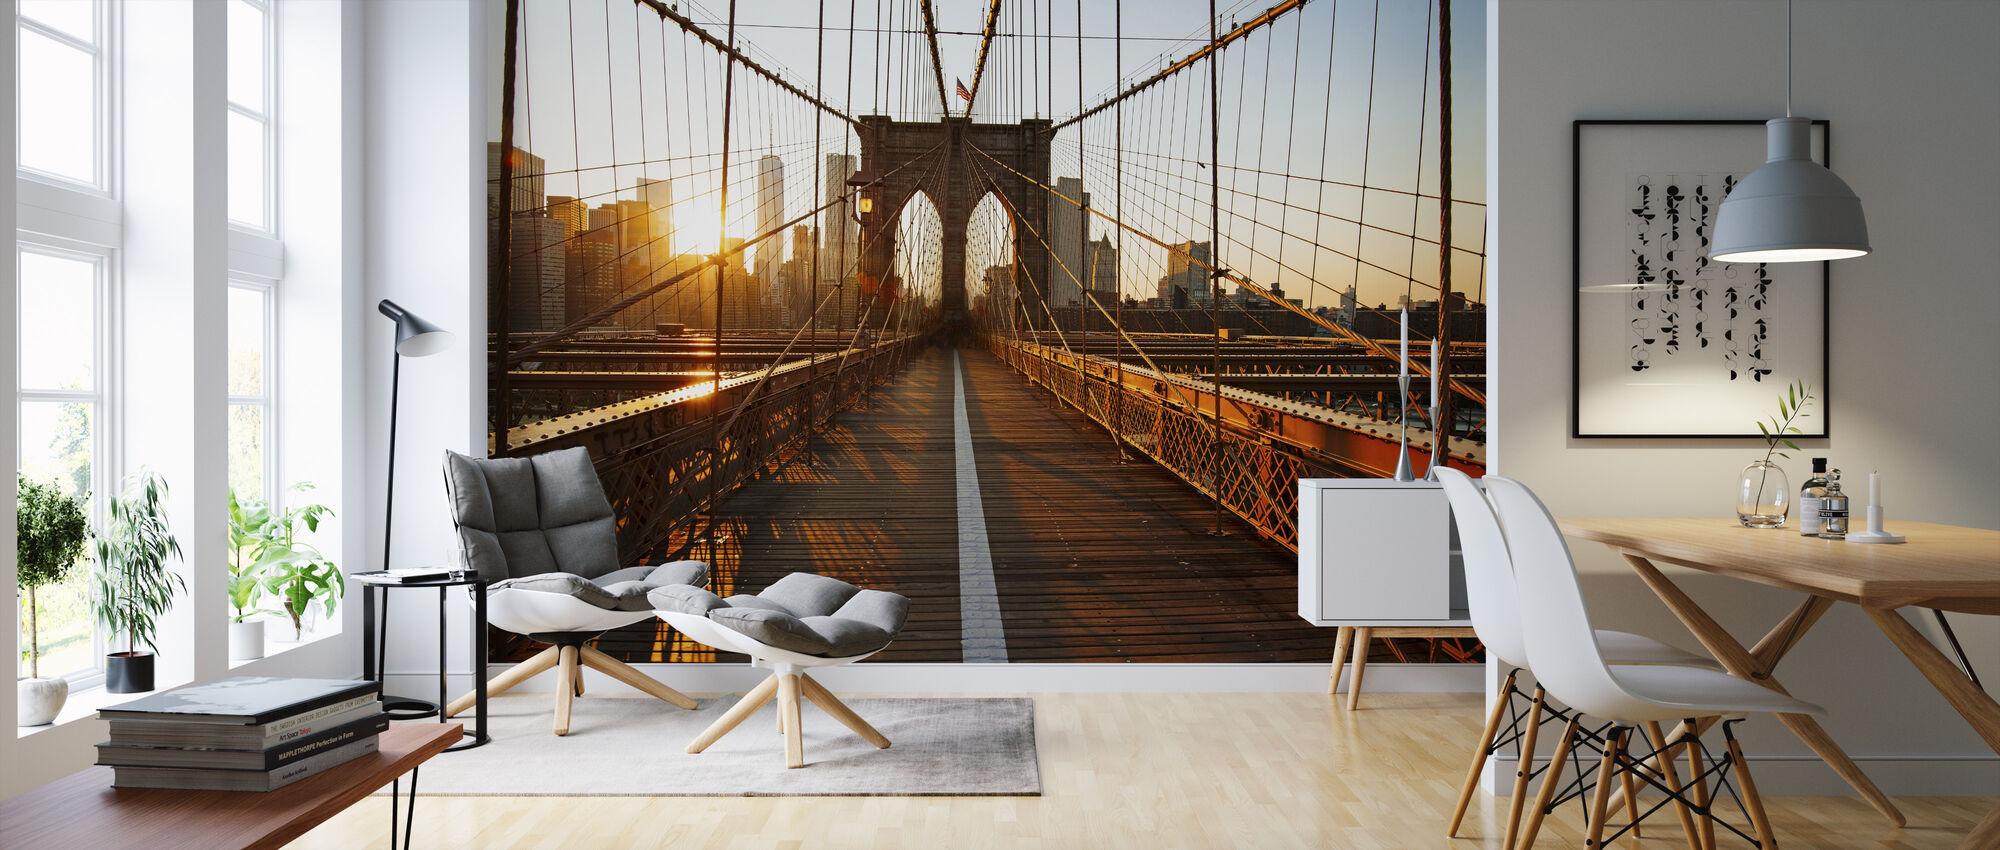 Brooklyn Bridge zonsopgang - Behang - Woonkamer